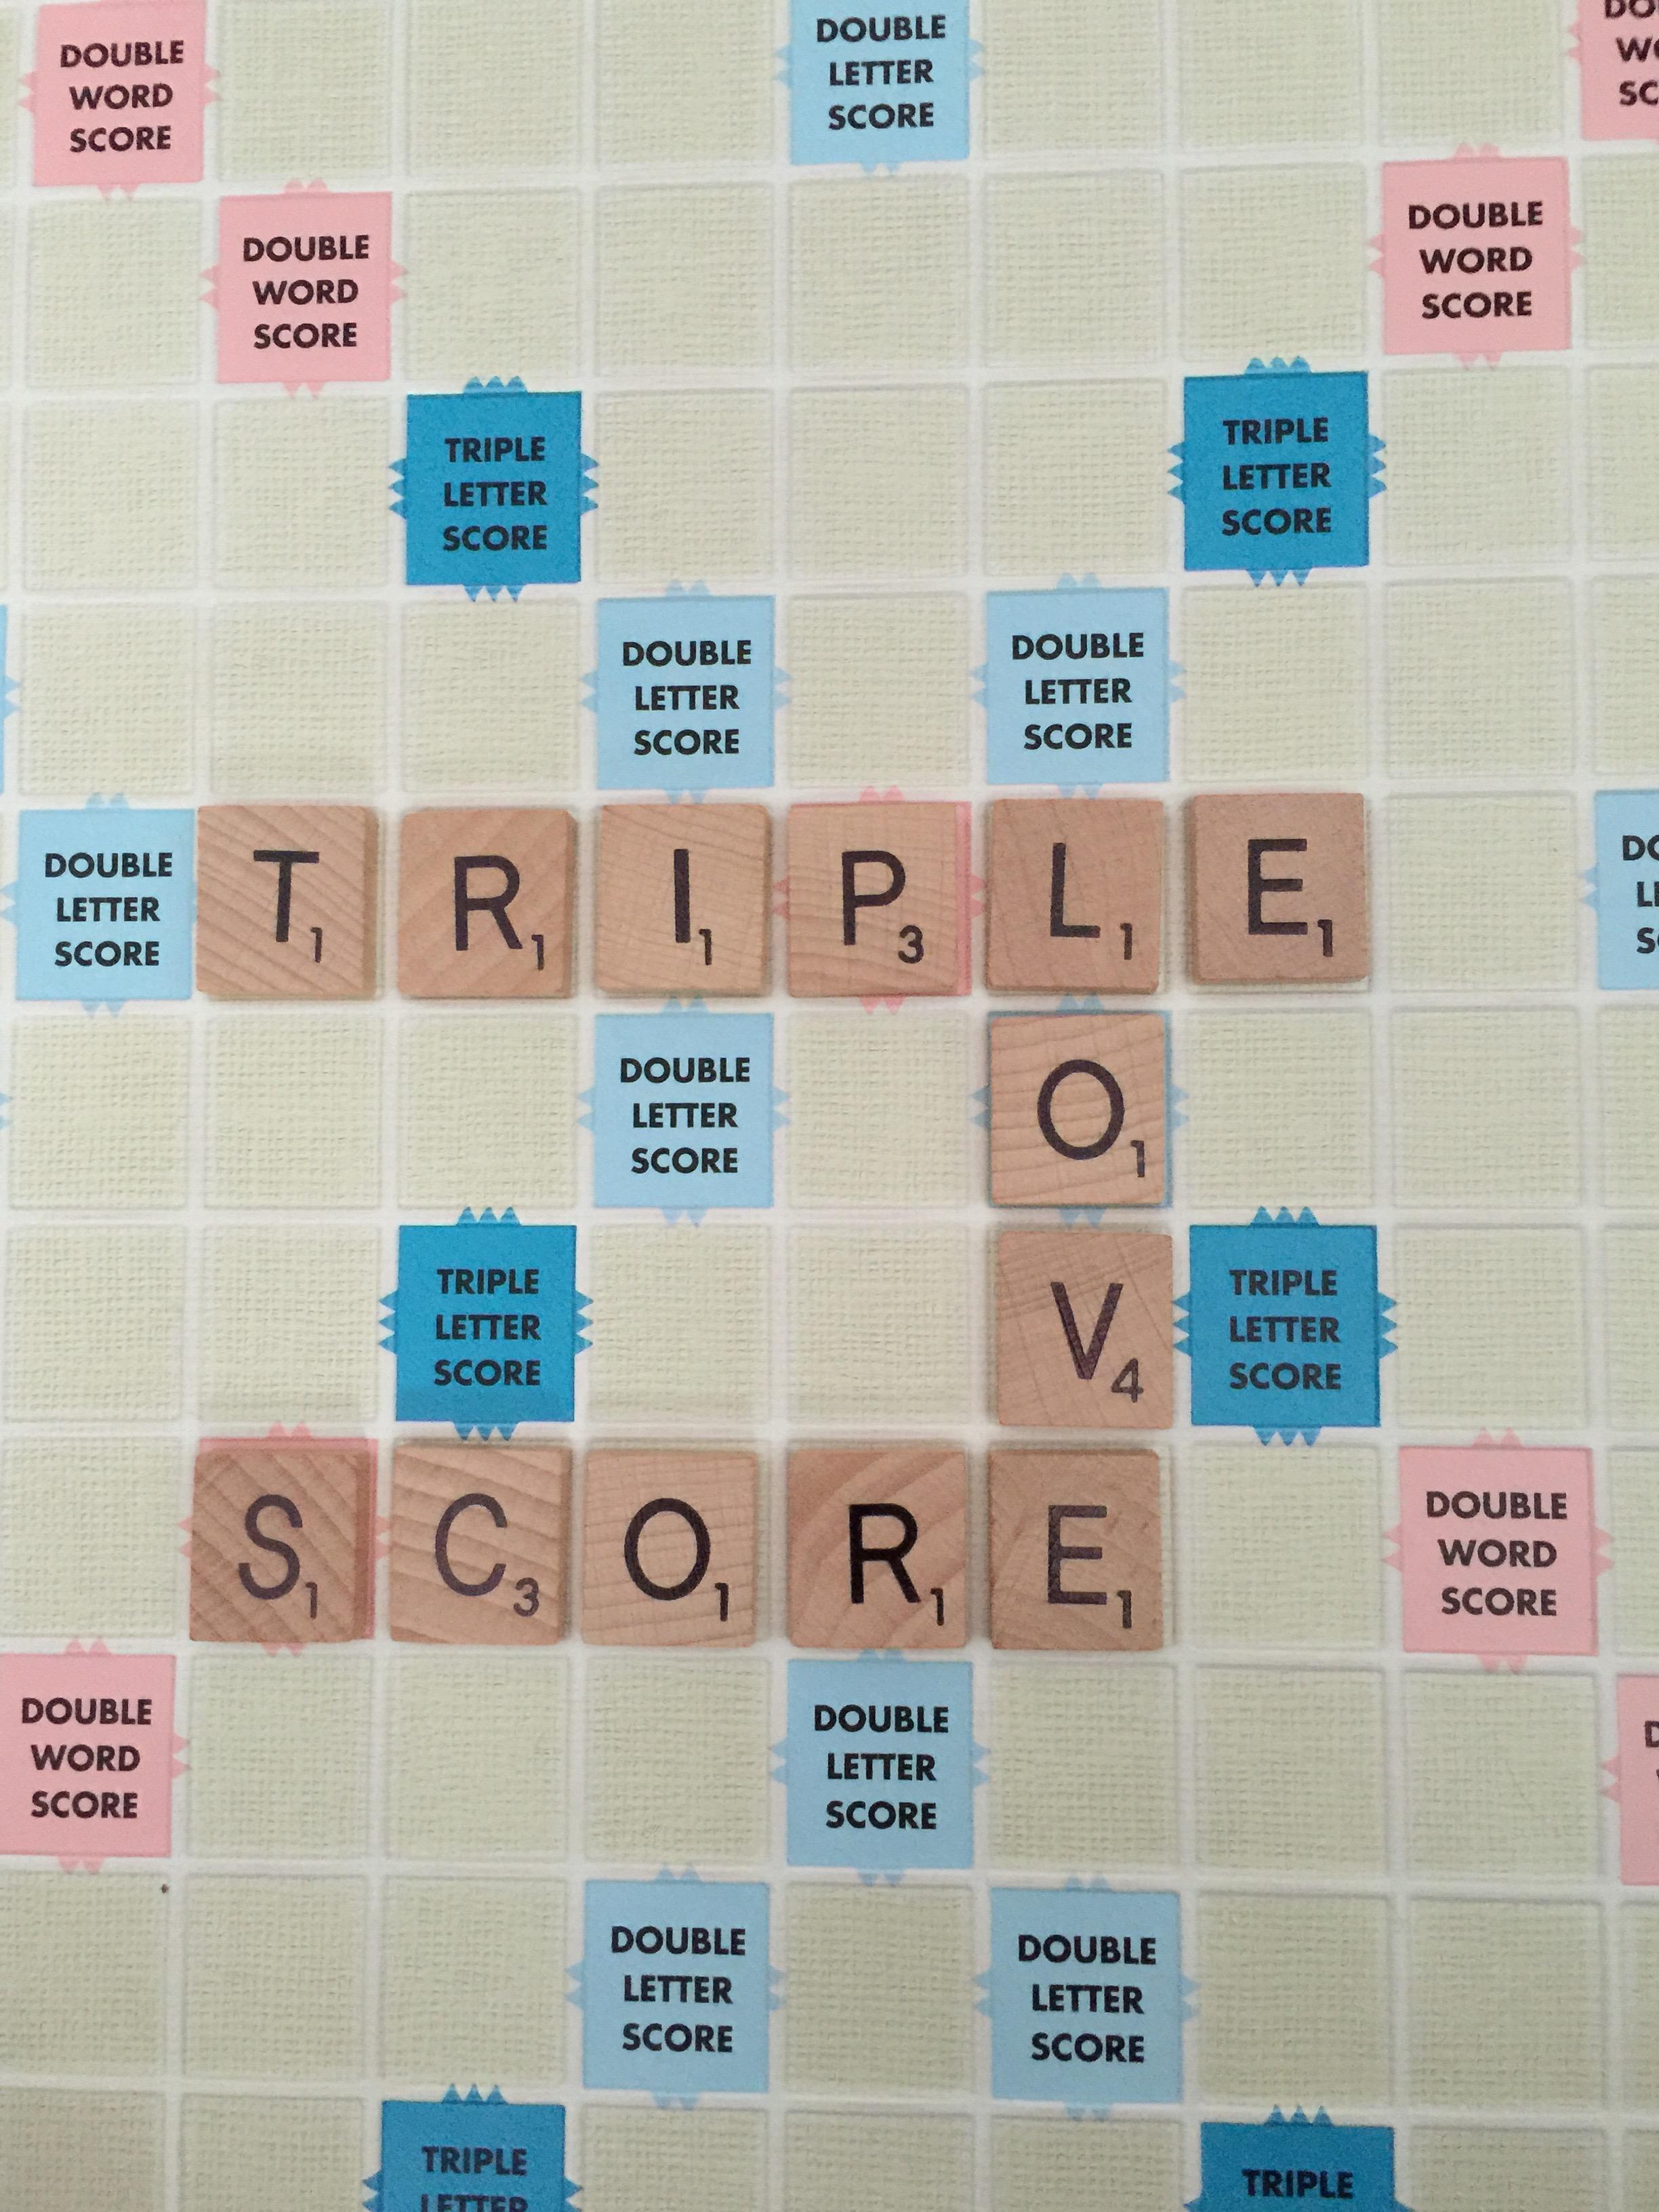 Triple Love Score